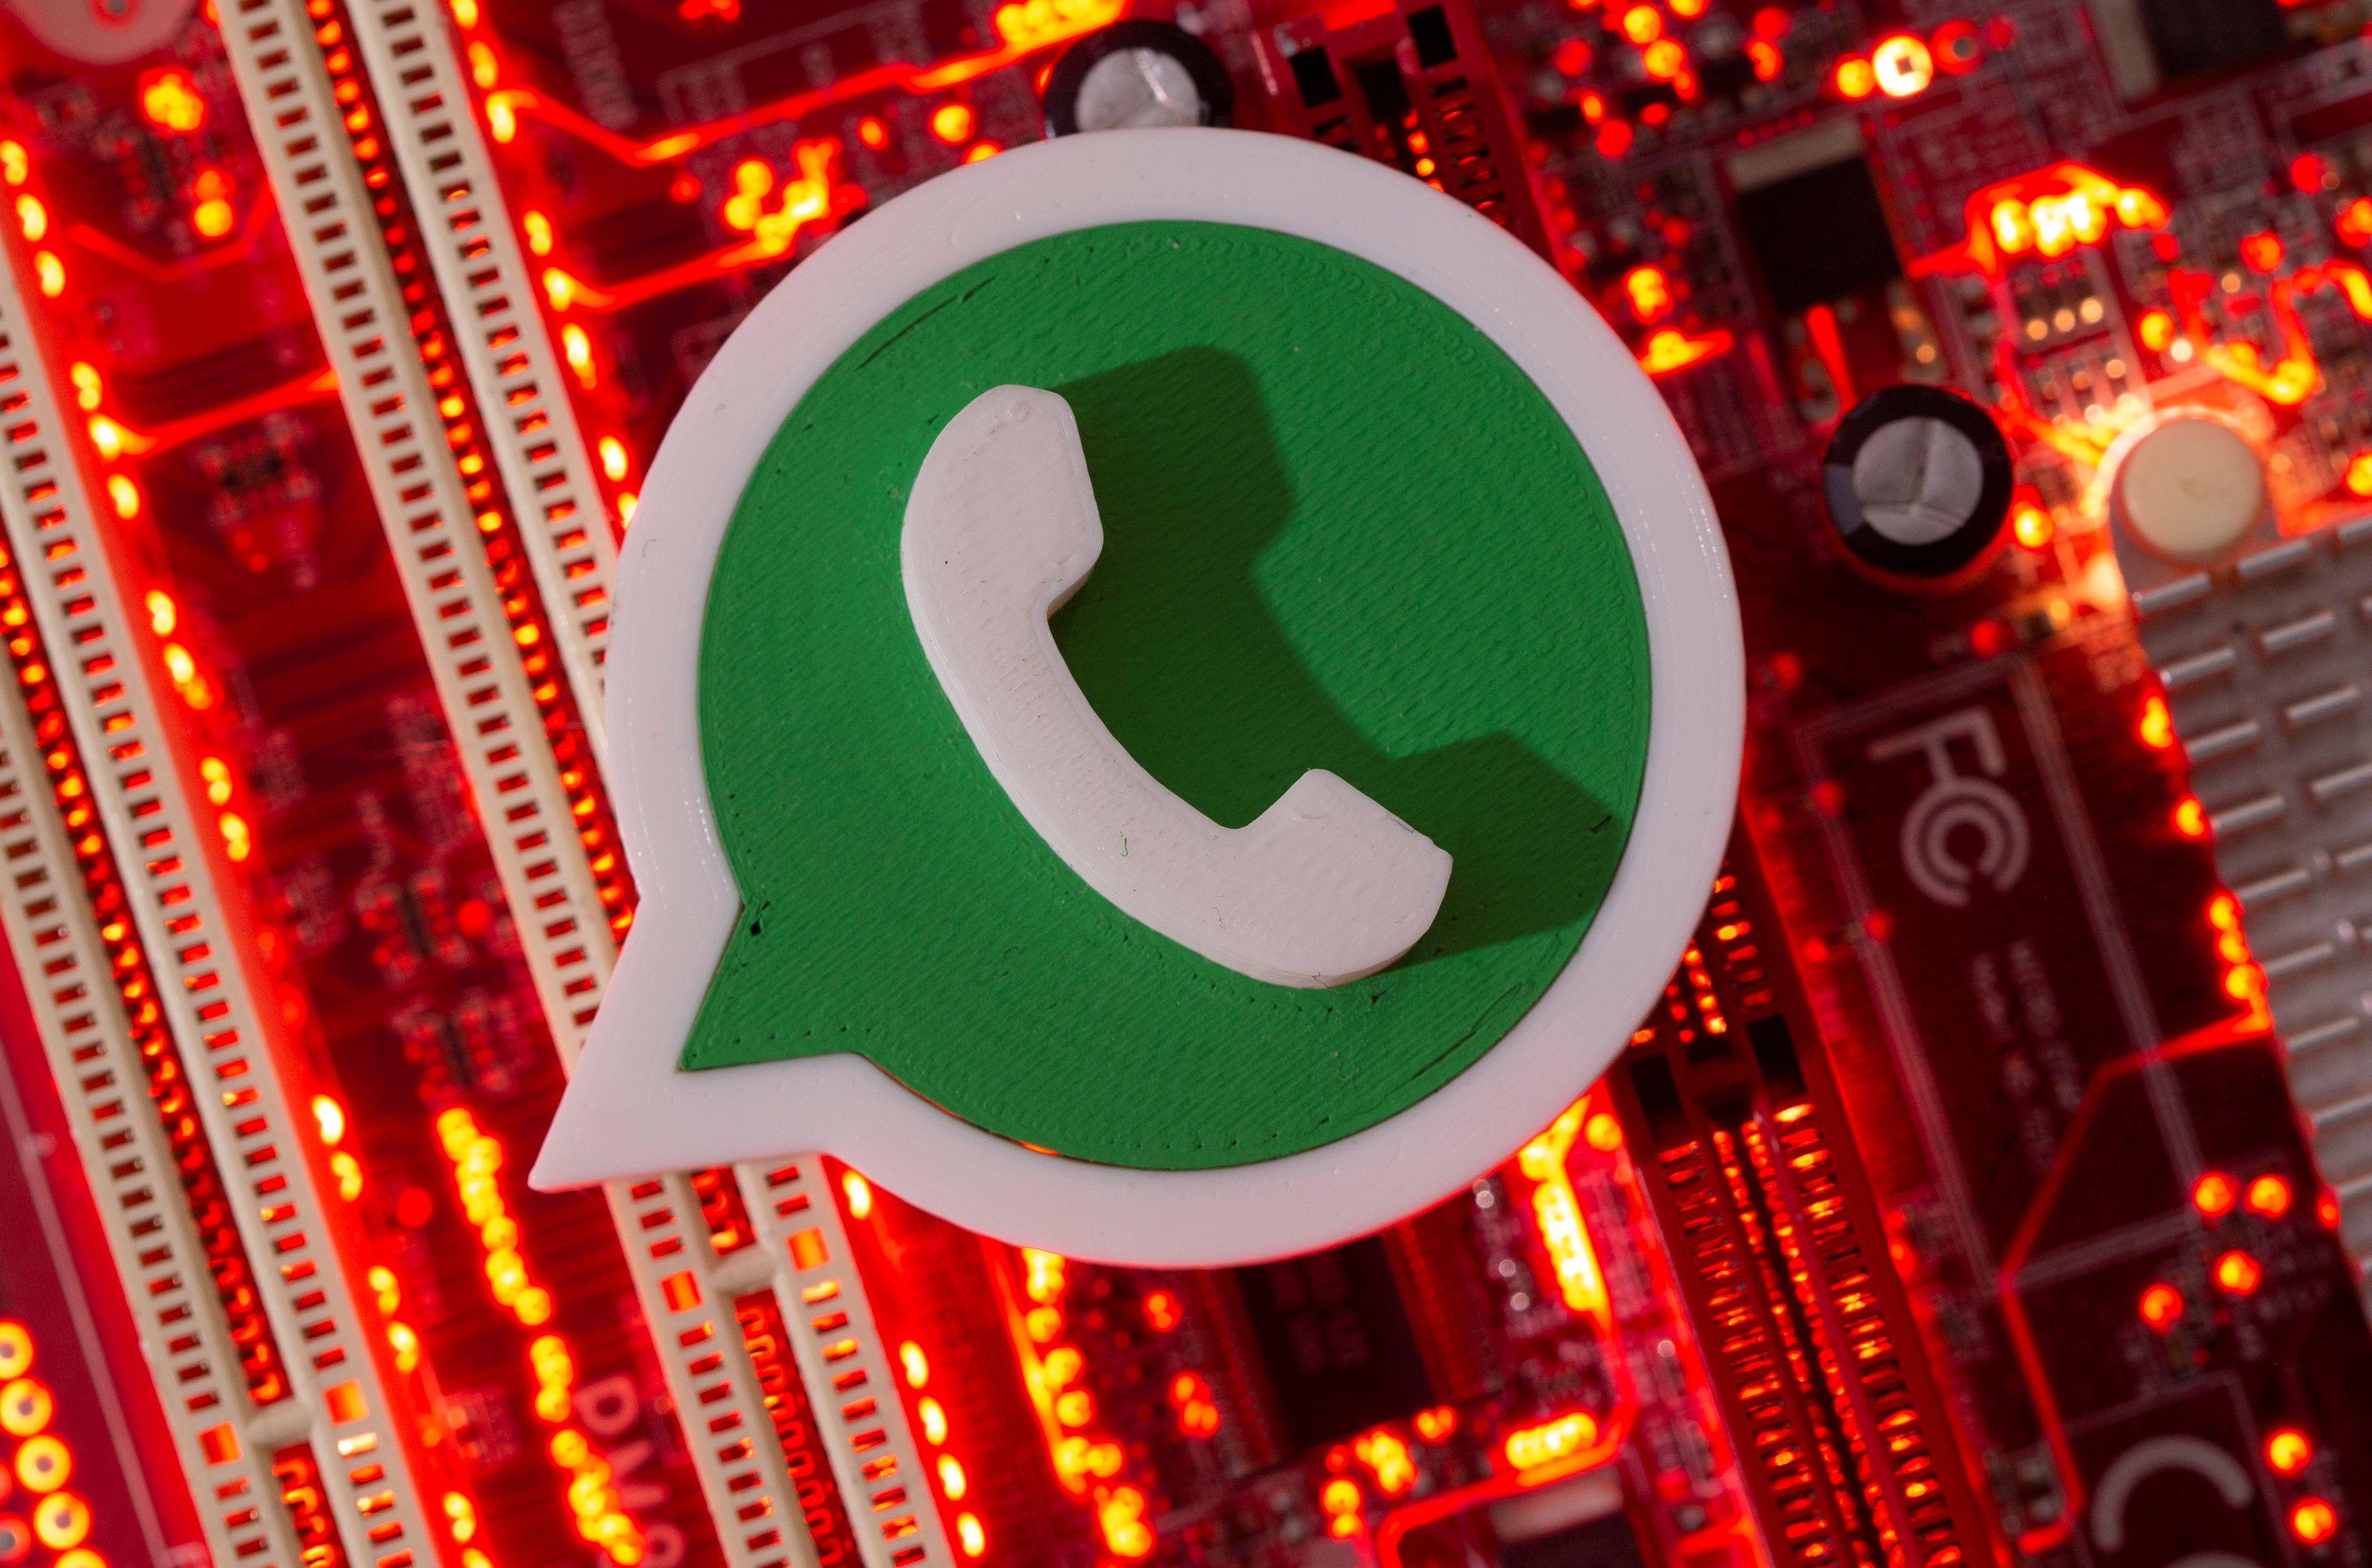 WhatsApp es la plataforma de mensajería más popular (Foto: REUTERS/Dado Ruvic/Illustration/Archivo)